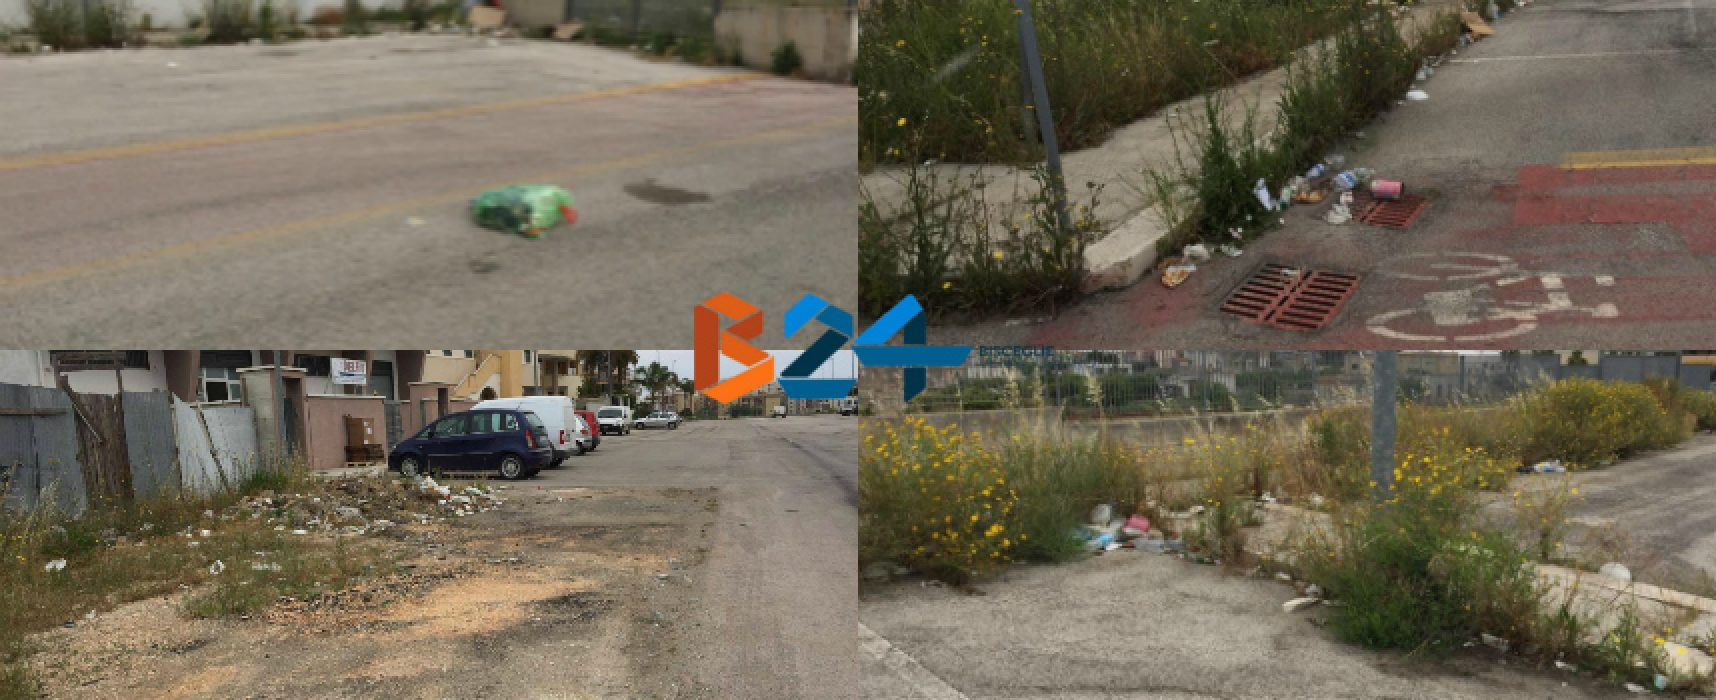 """Zona artigianale, un imprenditore denuncia: """"Costretto a ricevere altrove i miei clienti"""" / FOTO"""